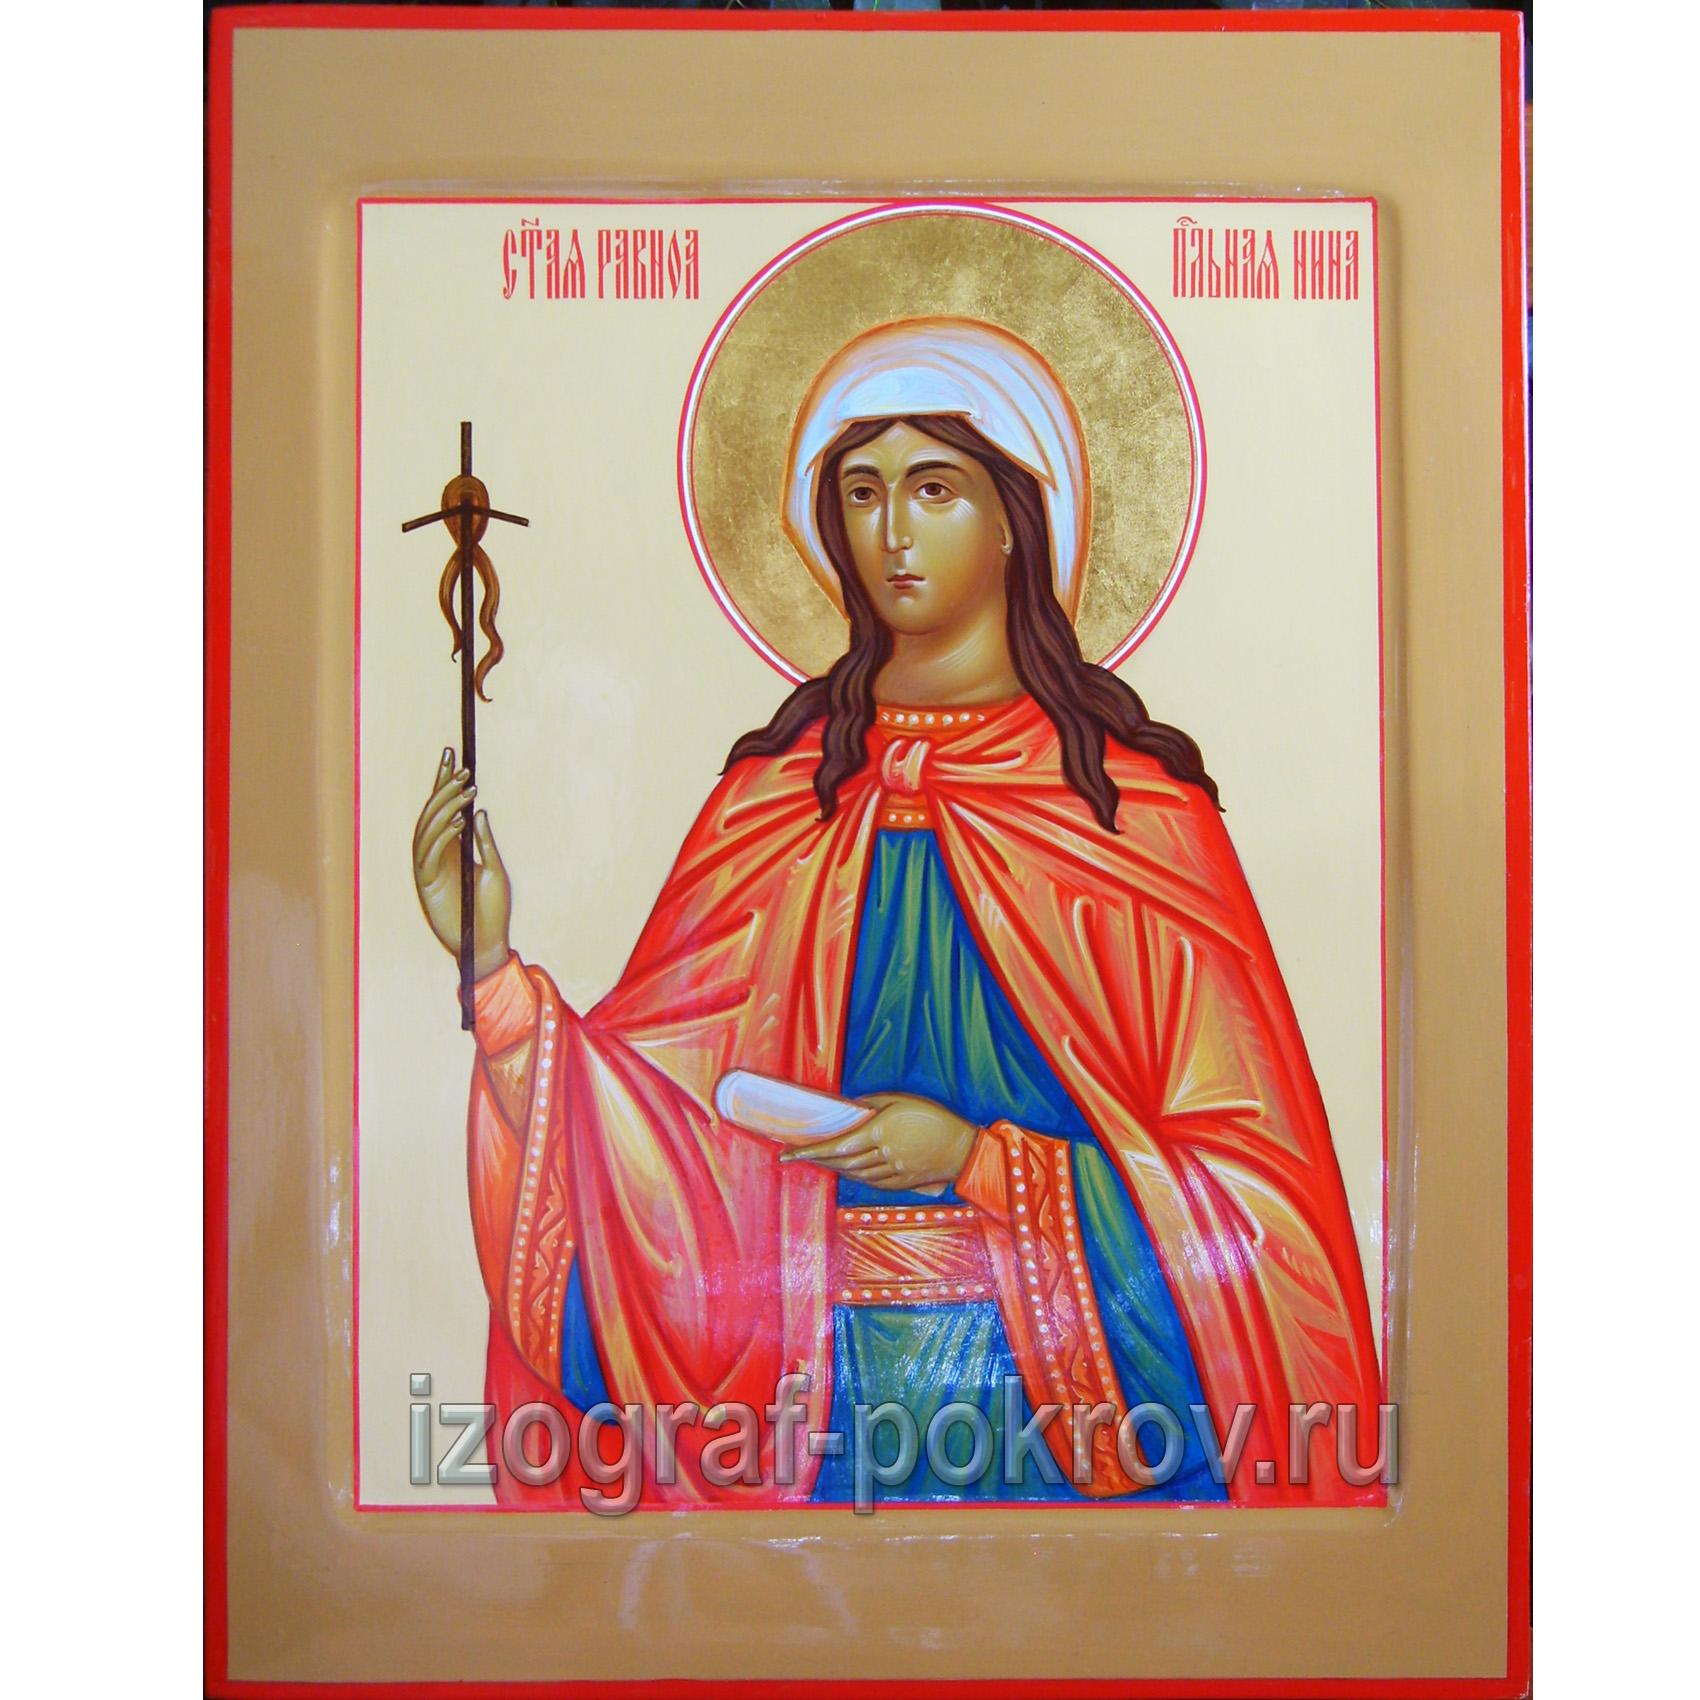 Икона Нина Равноапостольная просветительница